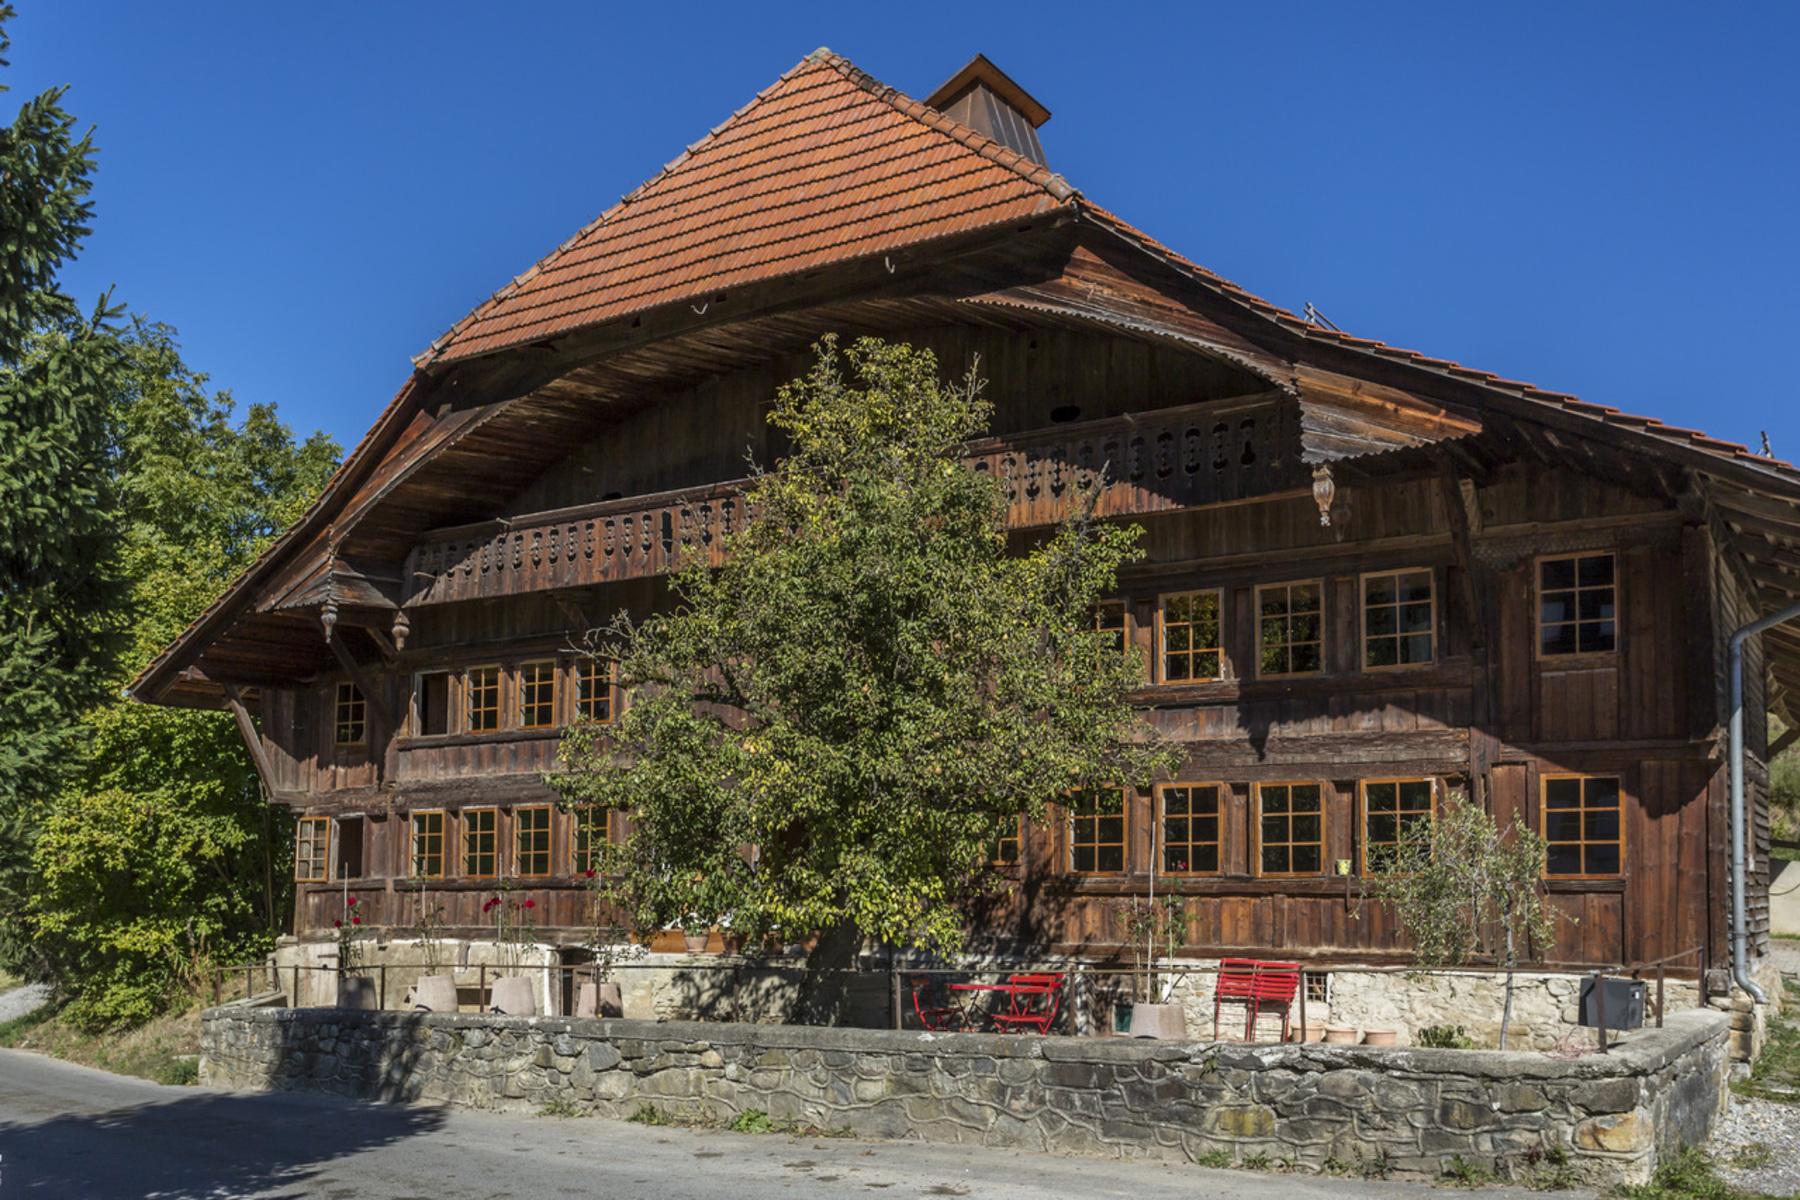 农场 / 牧场 / 种植园 为 销售 在 An authentic, historic farm with equestrian facilities Le Mouret, Le Mouret, 弗里堡, 1724 瑞士